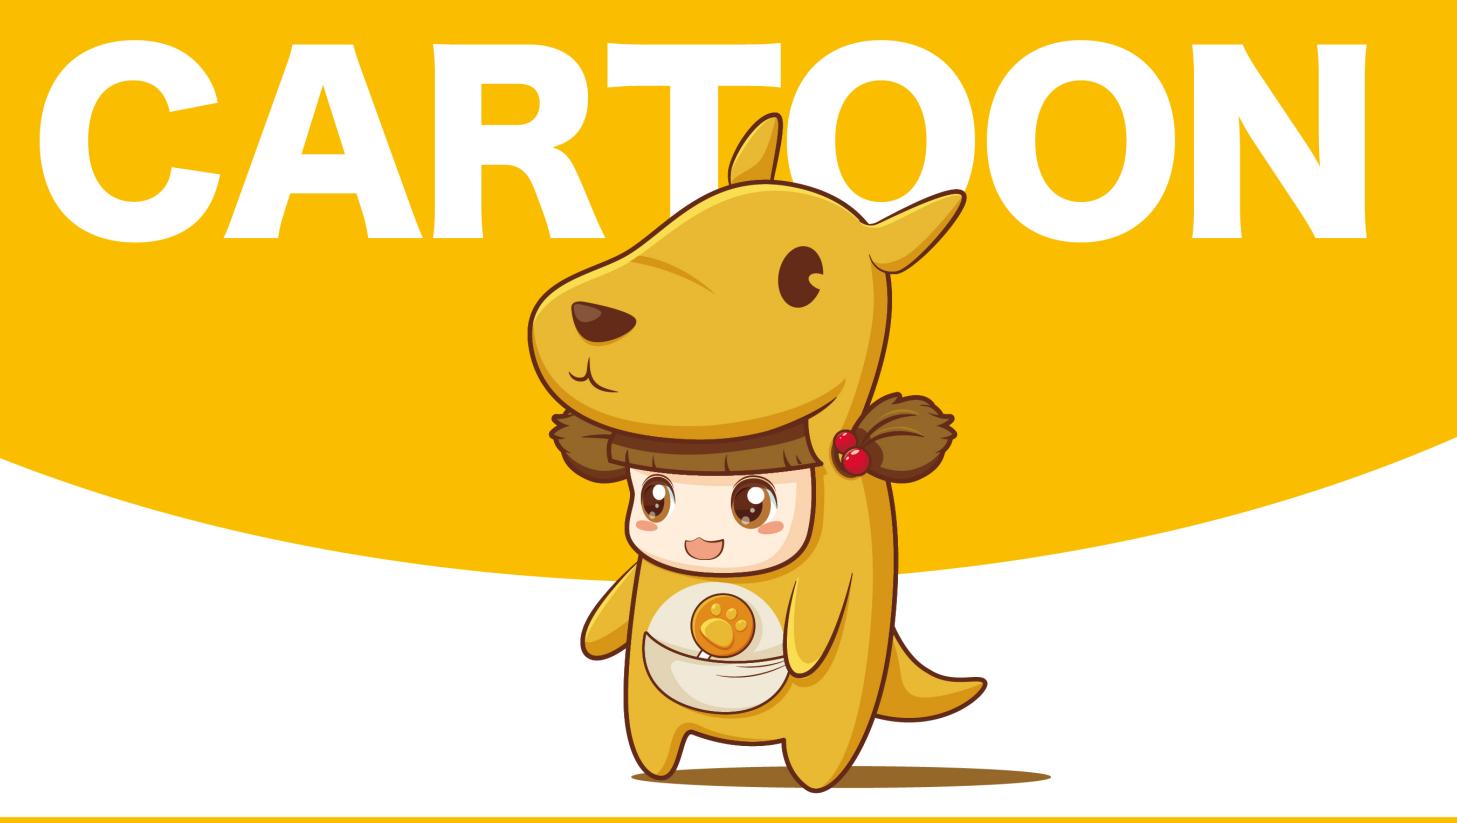 袋鼠卡通形象设计吉祥物